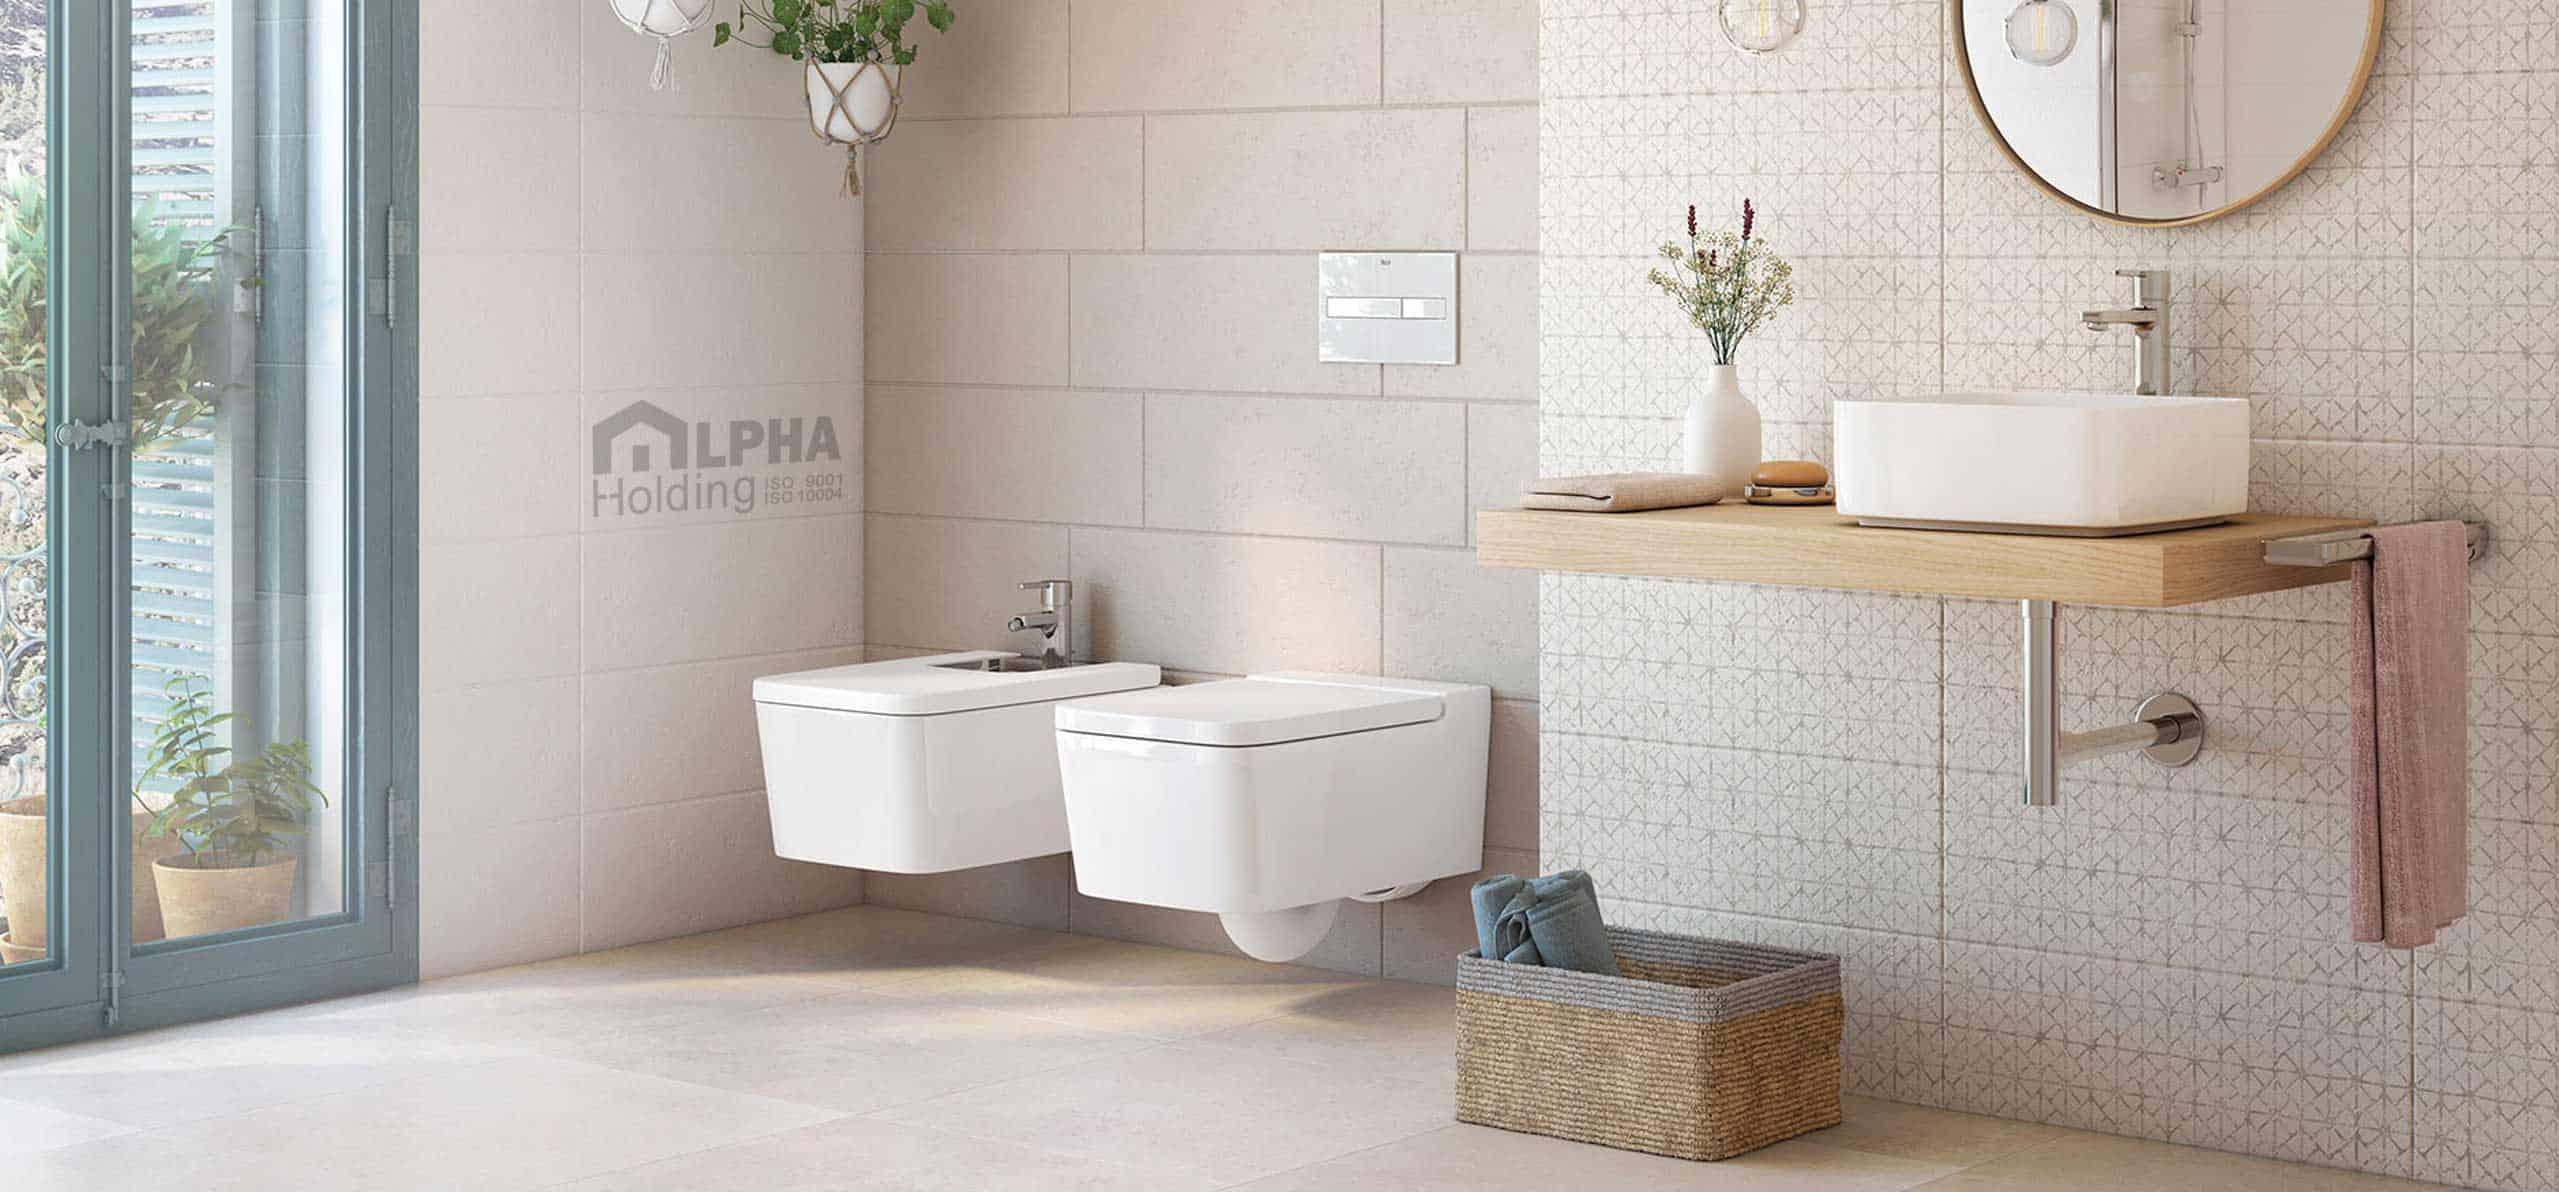 چه نوع سرویس بهداشتی ای مناسب خانه شماست؟